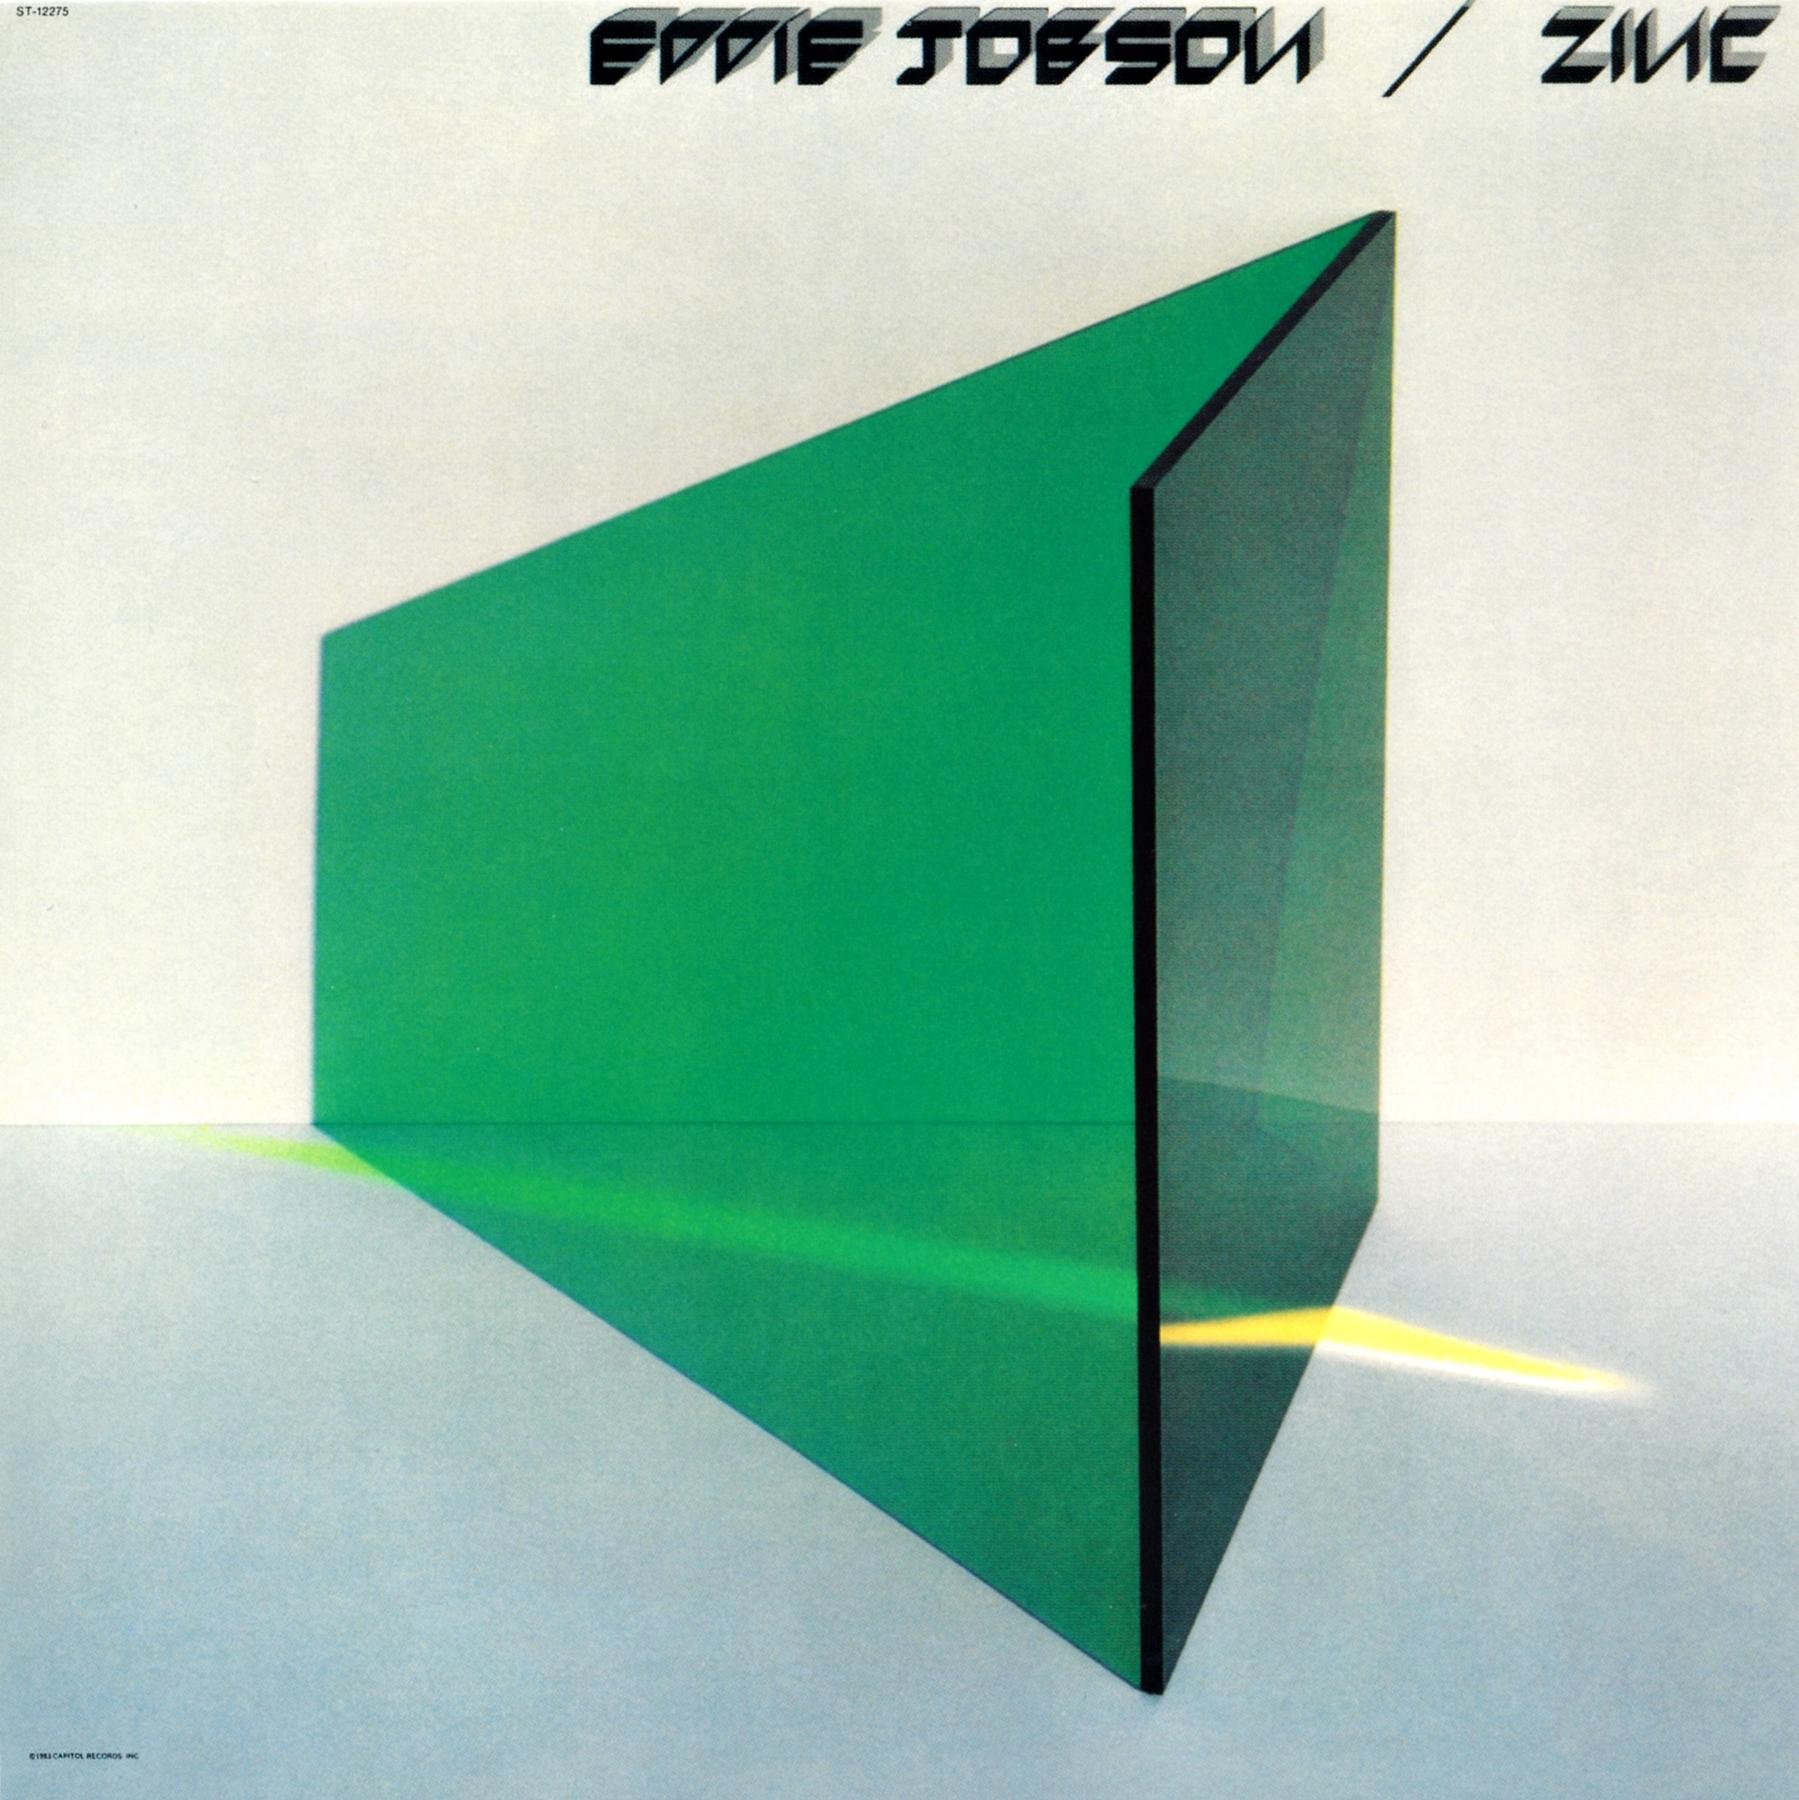 Eddie Jobson - Nostalgia